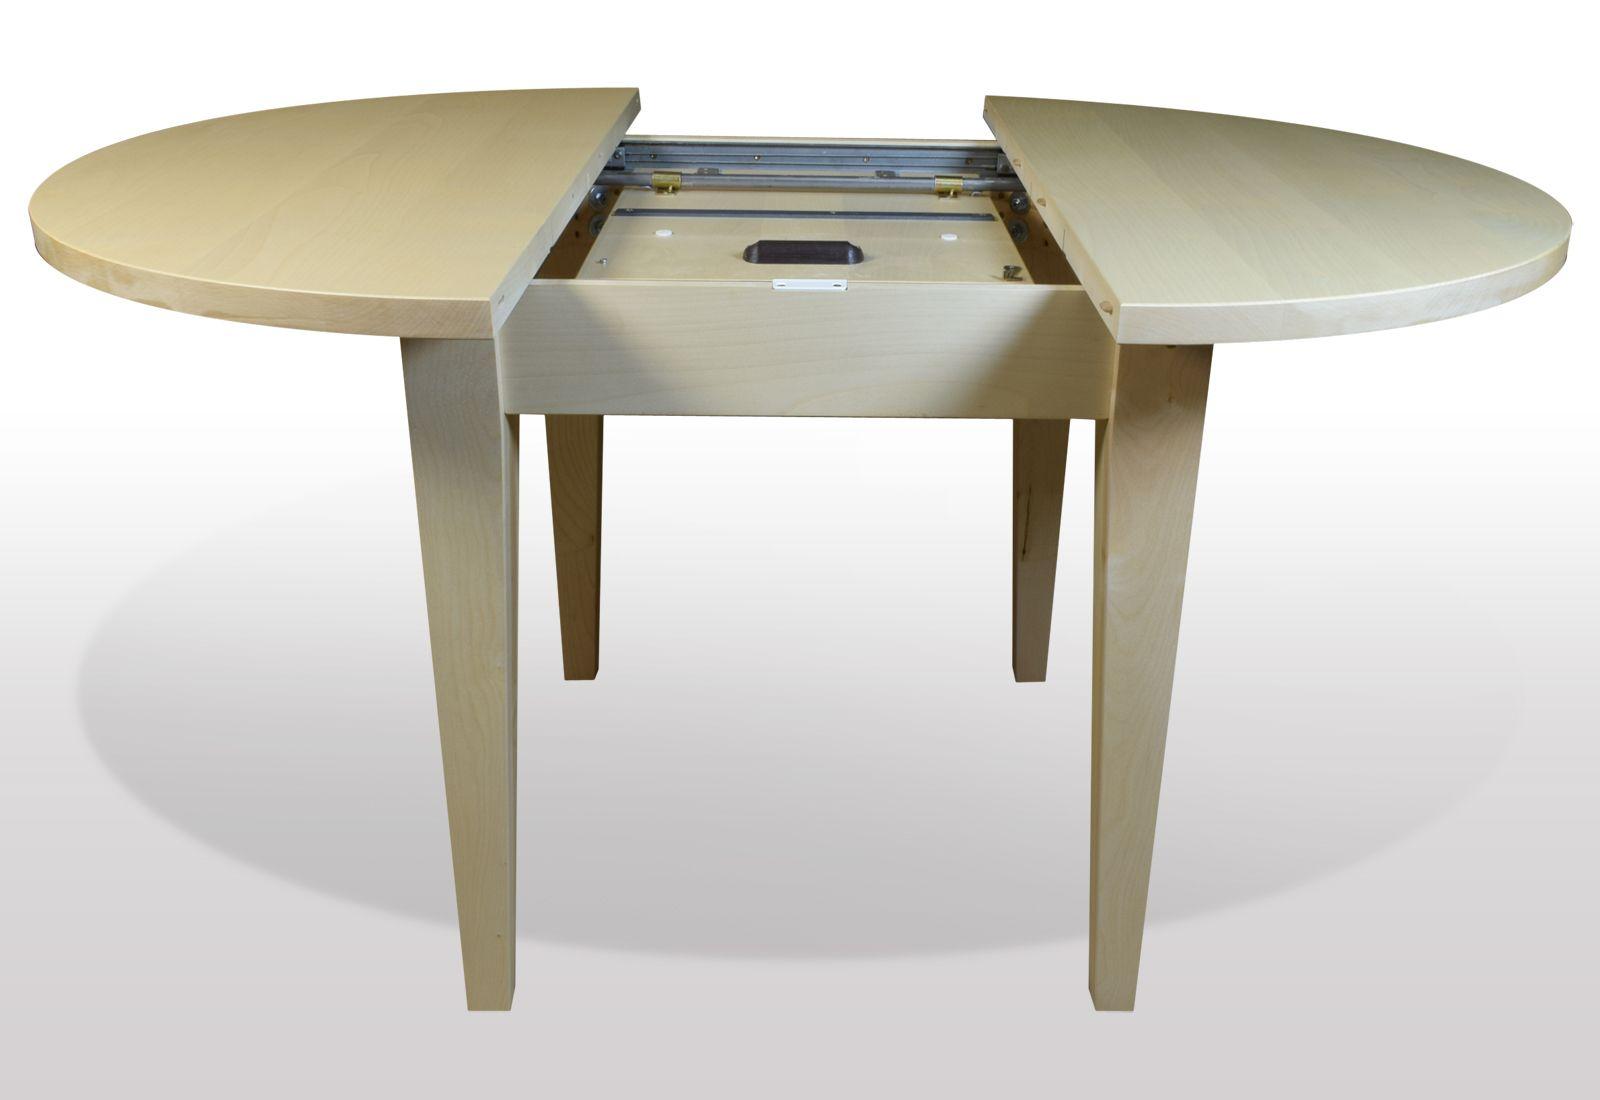 runder Tisch aus Ahorn ausziehbarBild von tischmoebel.de